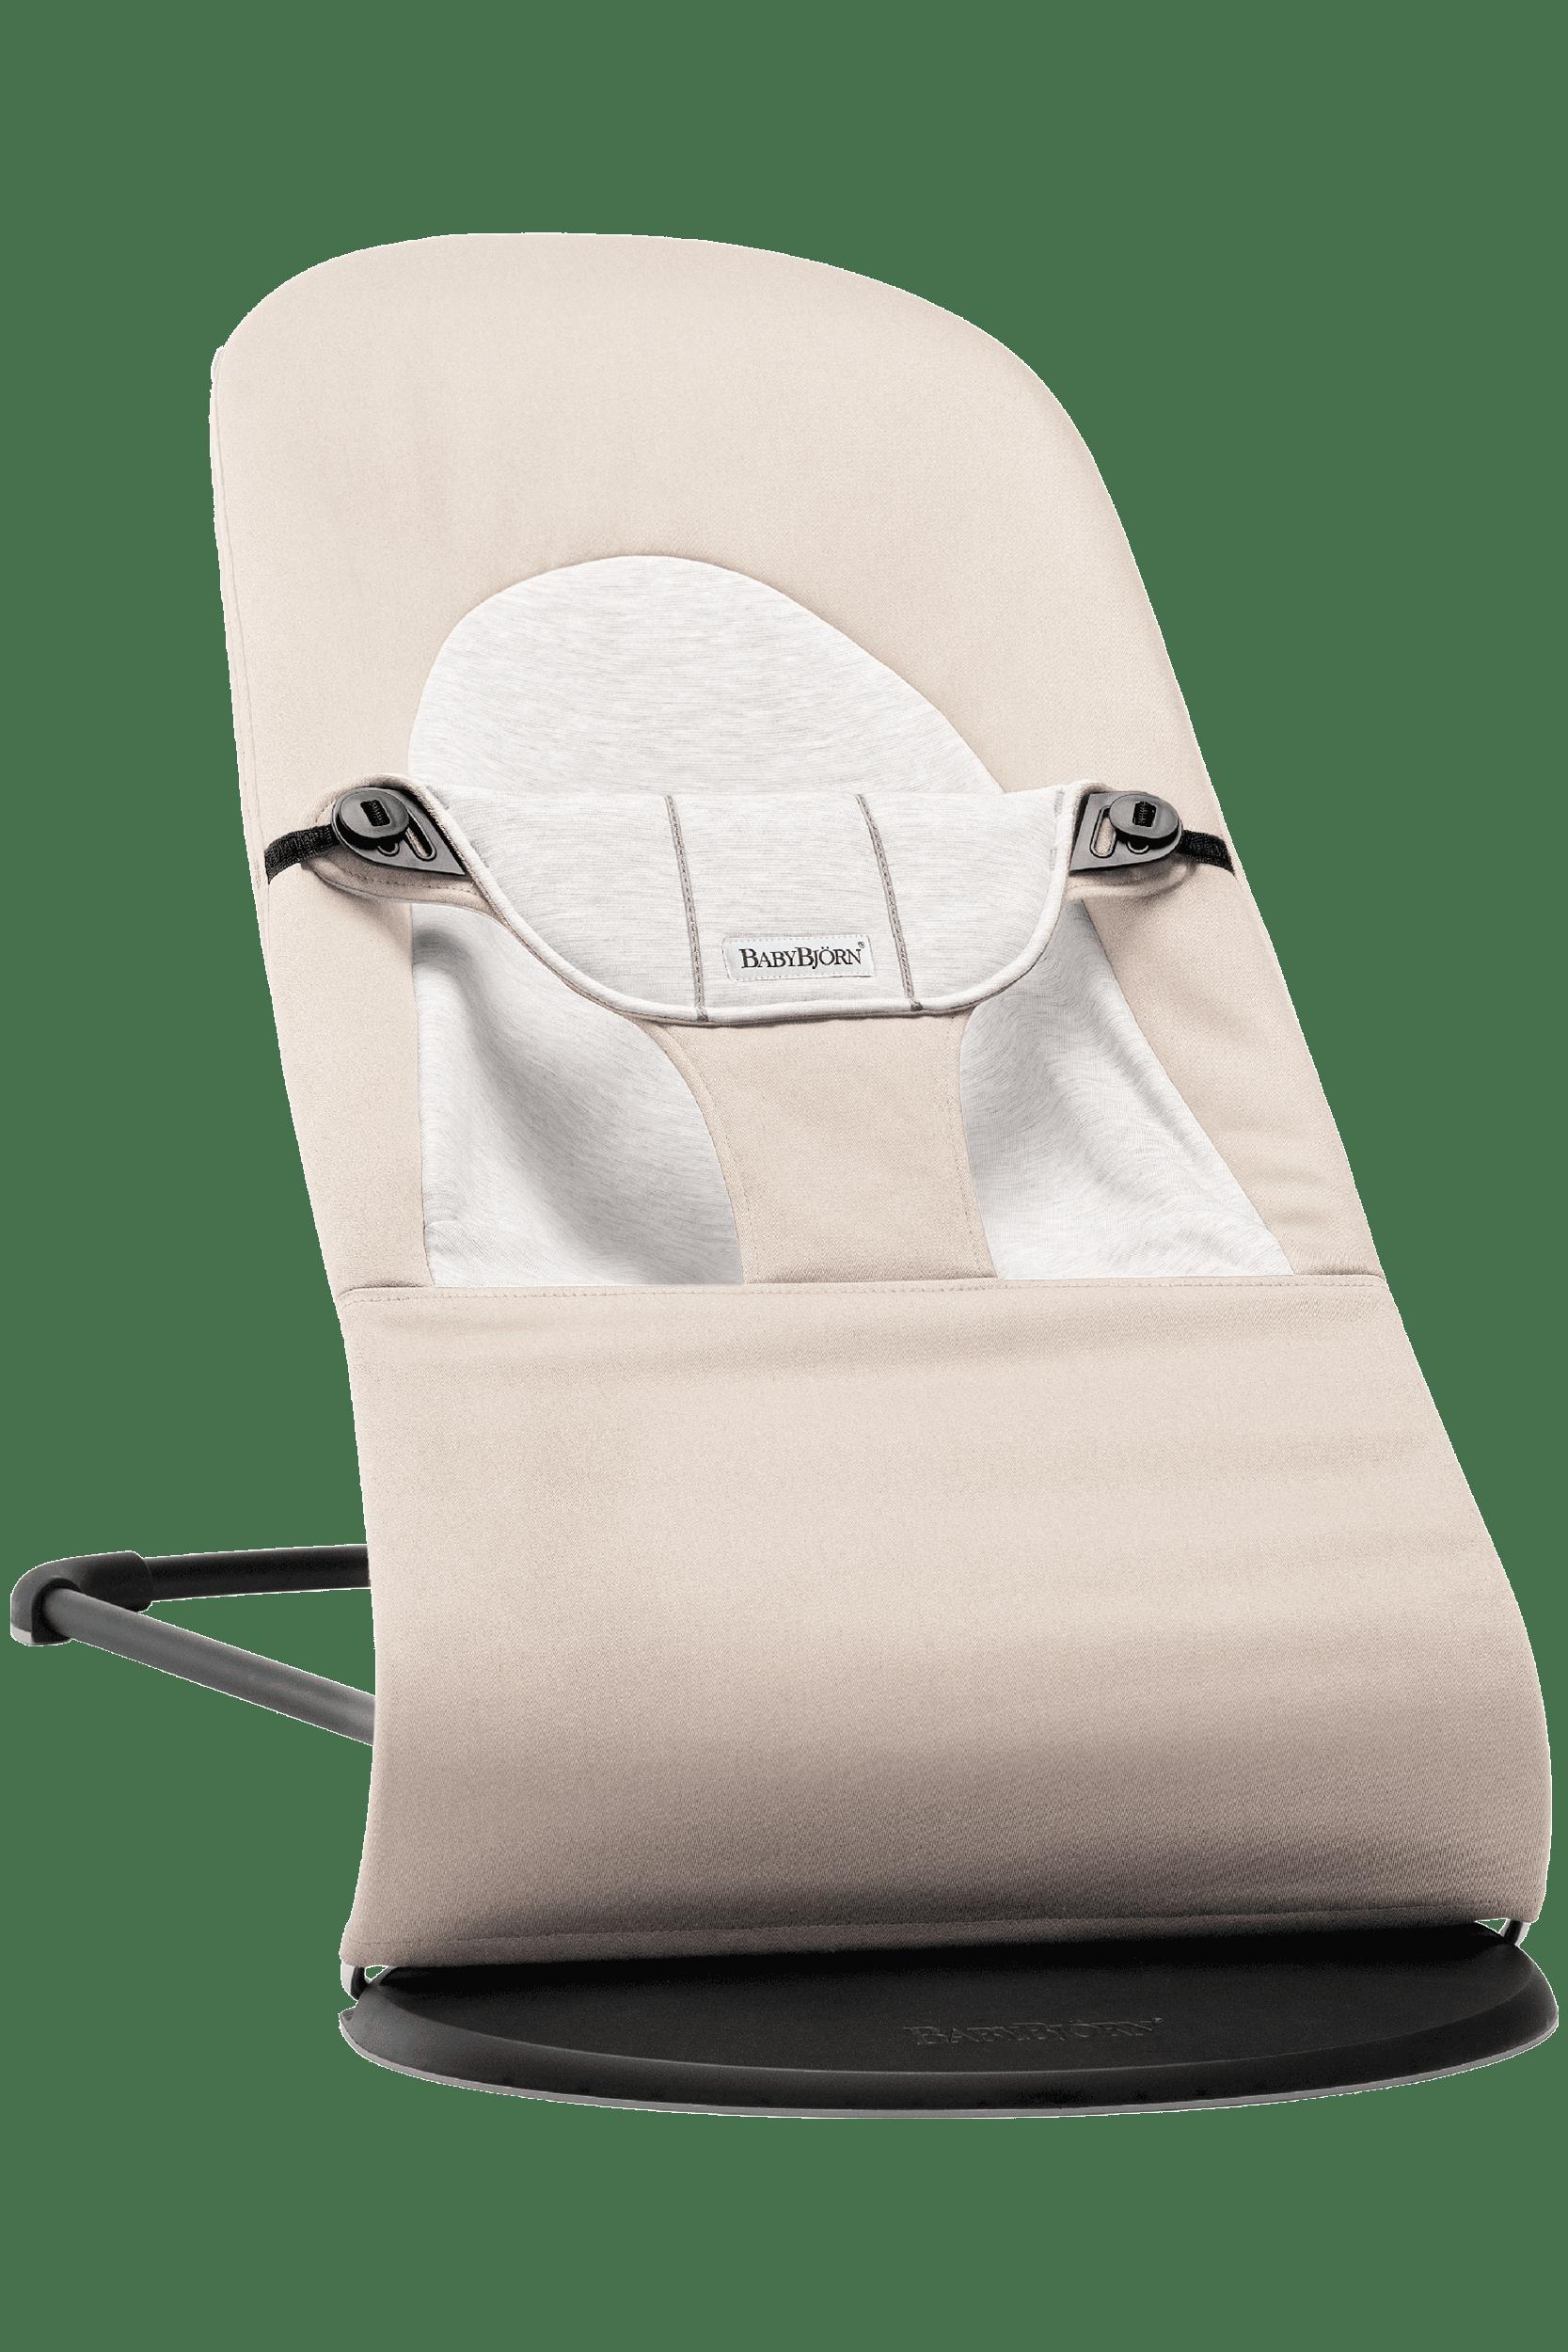 BABYBJÖRN Babysitter Balance Soft - Beige/Grå, Cotton/Jersey